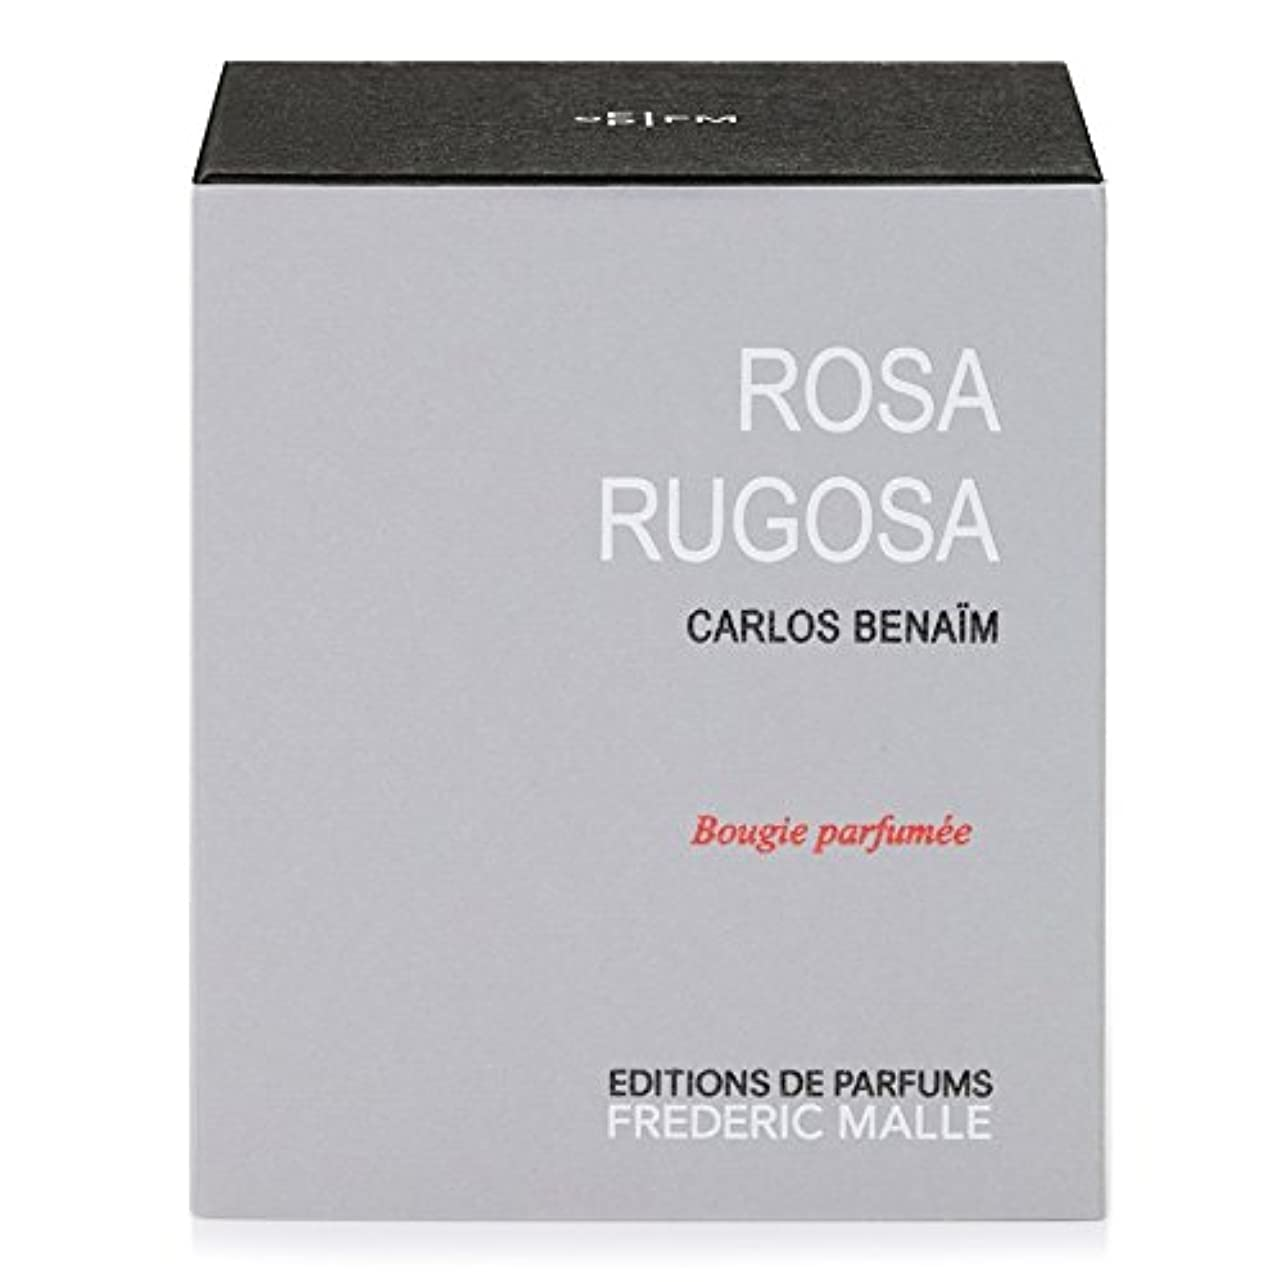 アルバニーはっきりしないしてはいけないFrederic Malle Rosa Rugosa Scented Candle - フレデリック?マルハマナスの香りのキャンドル [並行輸入品]